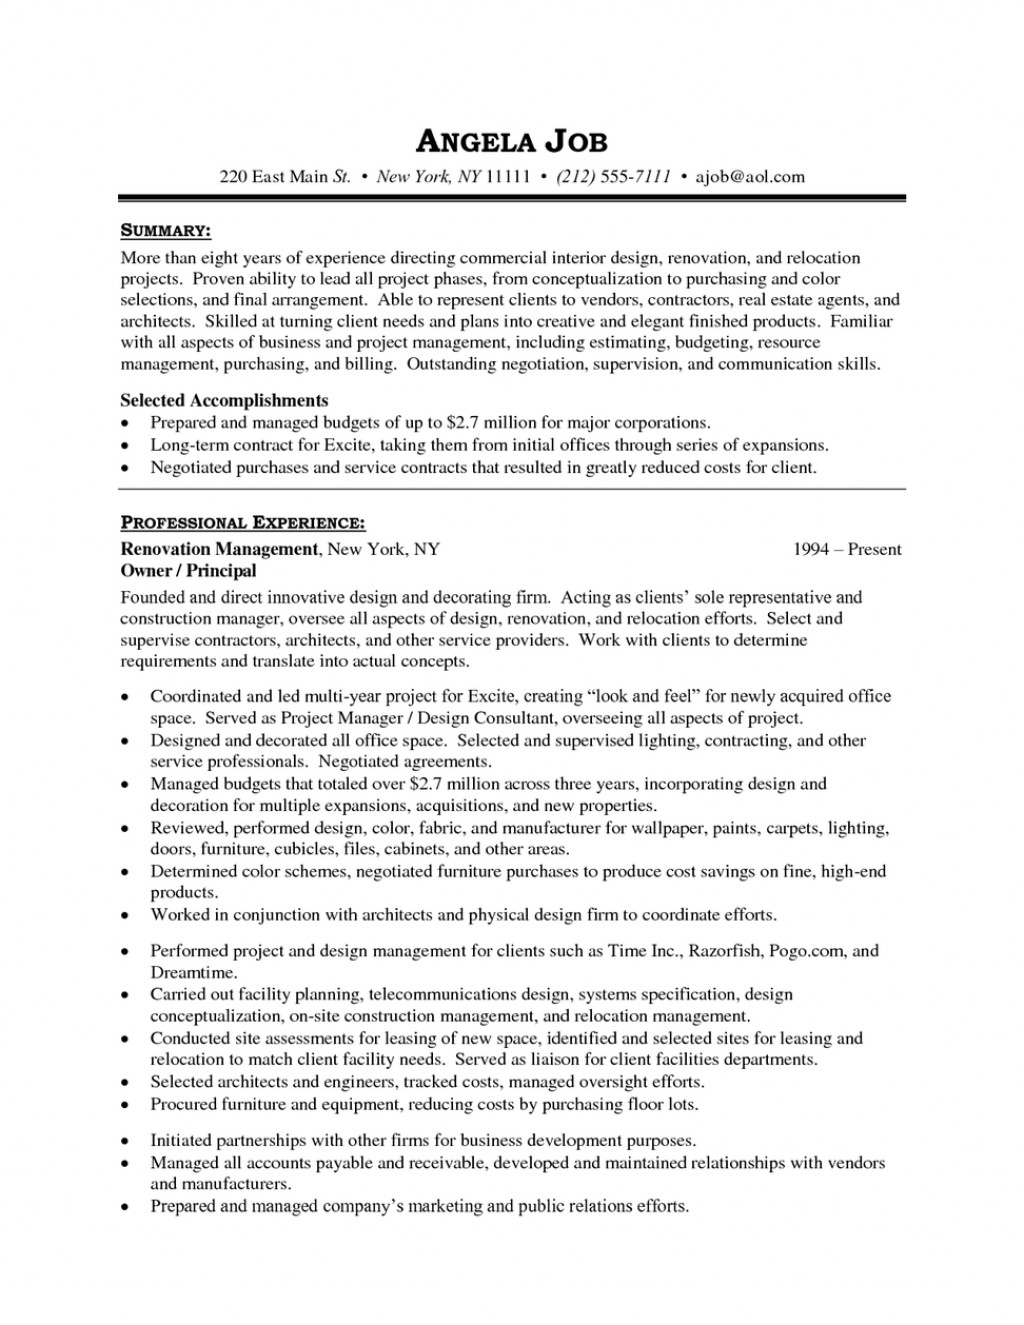 017 Adoption Essay Persuasive Speech Outline Topics Personal Interior Design Assistant Resume Example Websites Career Designing Internships Unique Definition Writing Pdf Hero Success Large